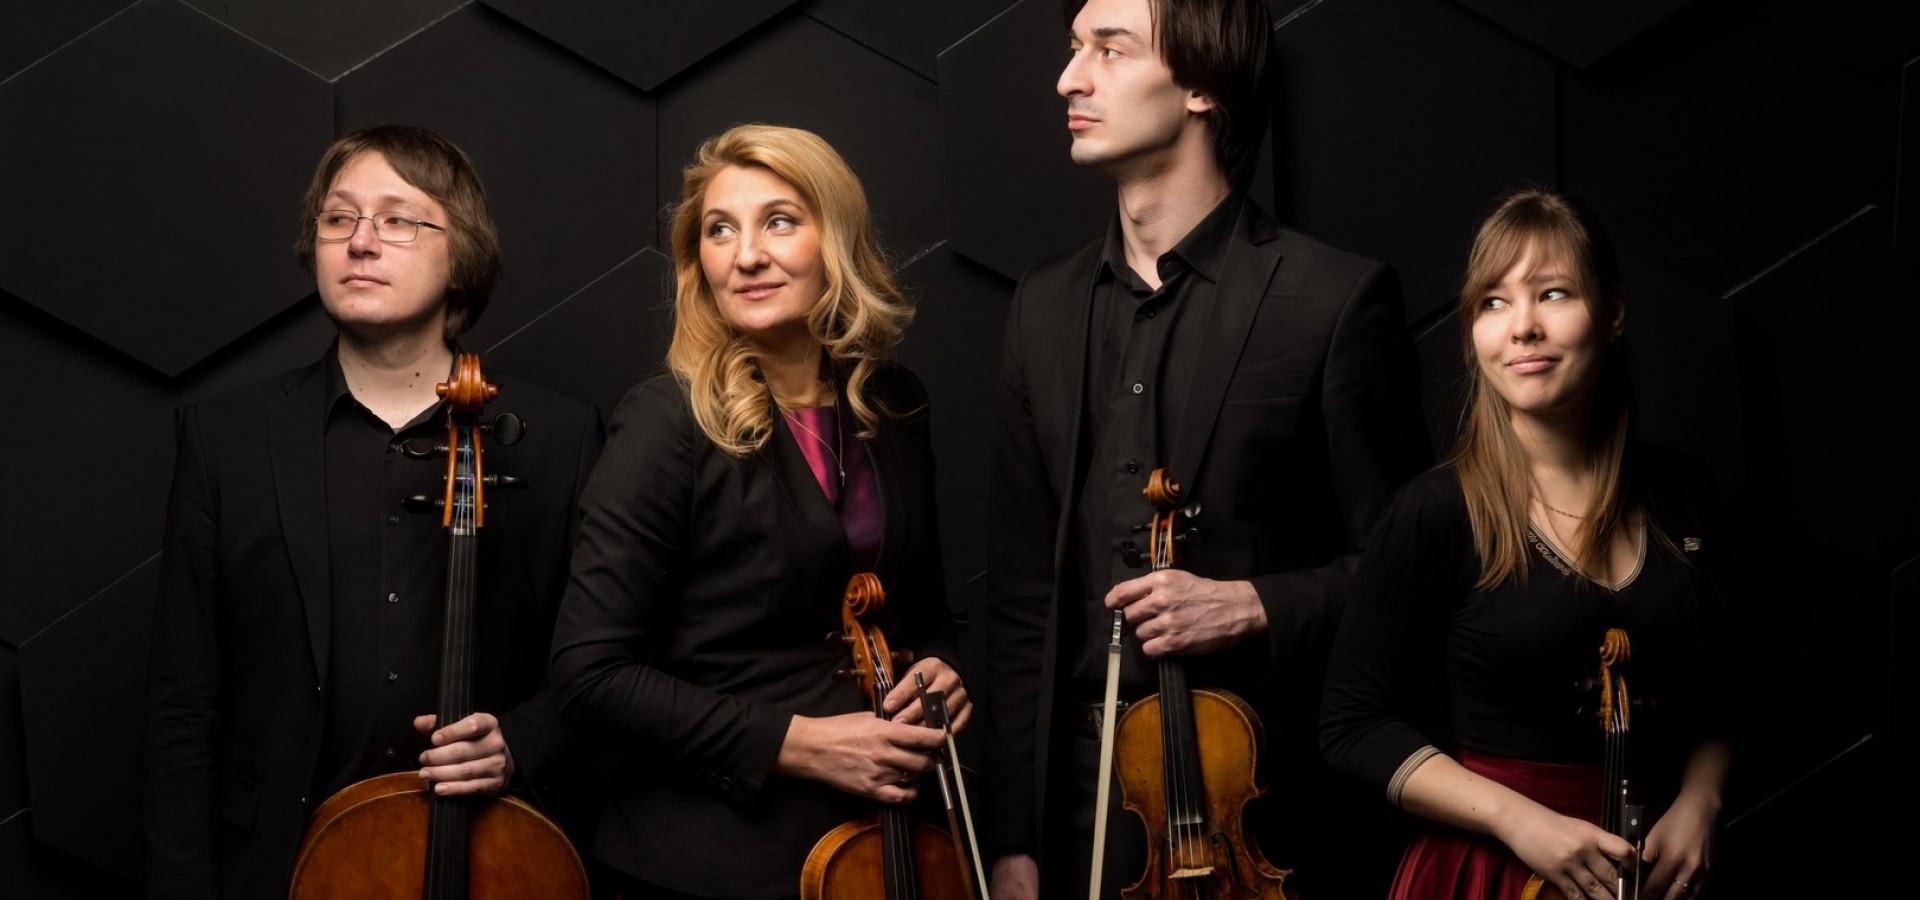 Вивальди. Времена года для квартета и арфы. Концерт в Соборной палате фото